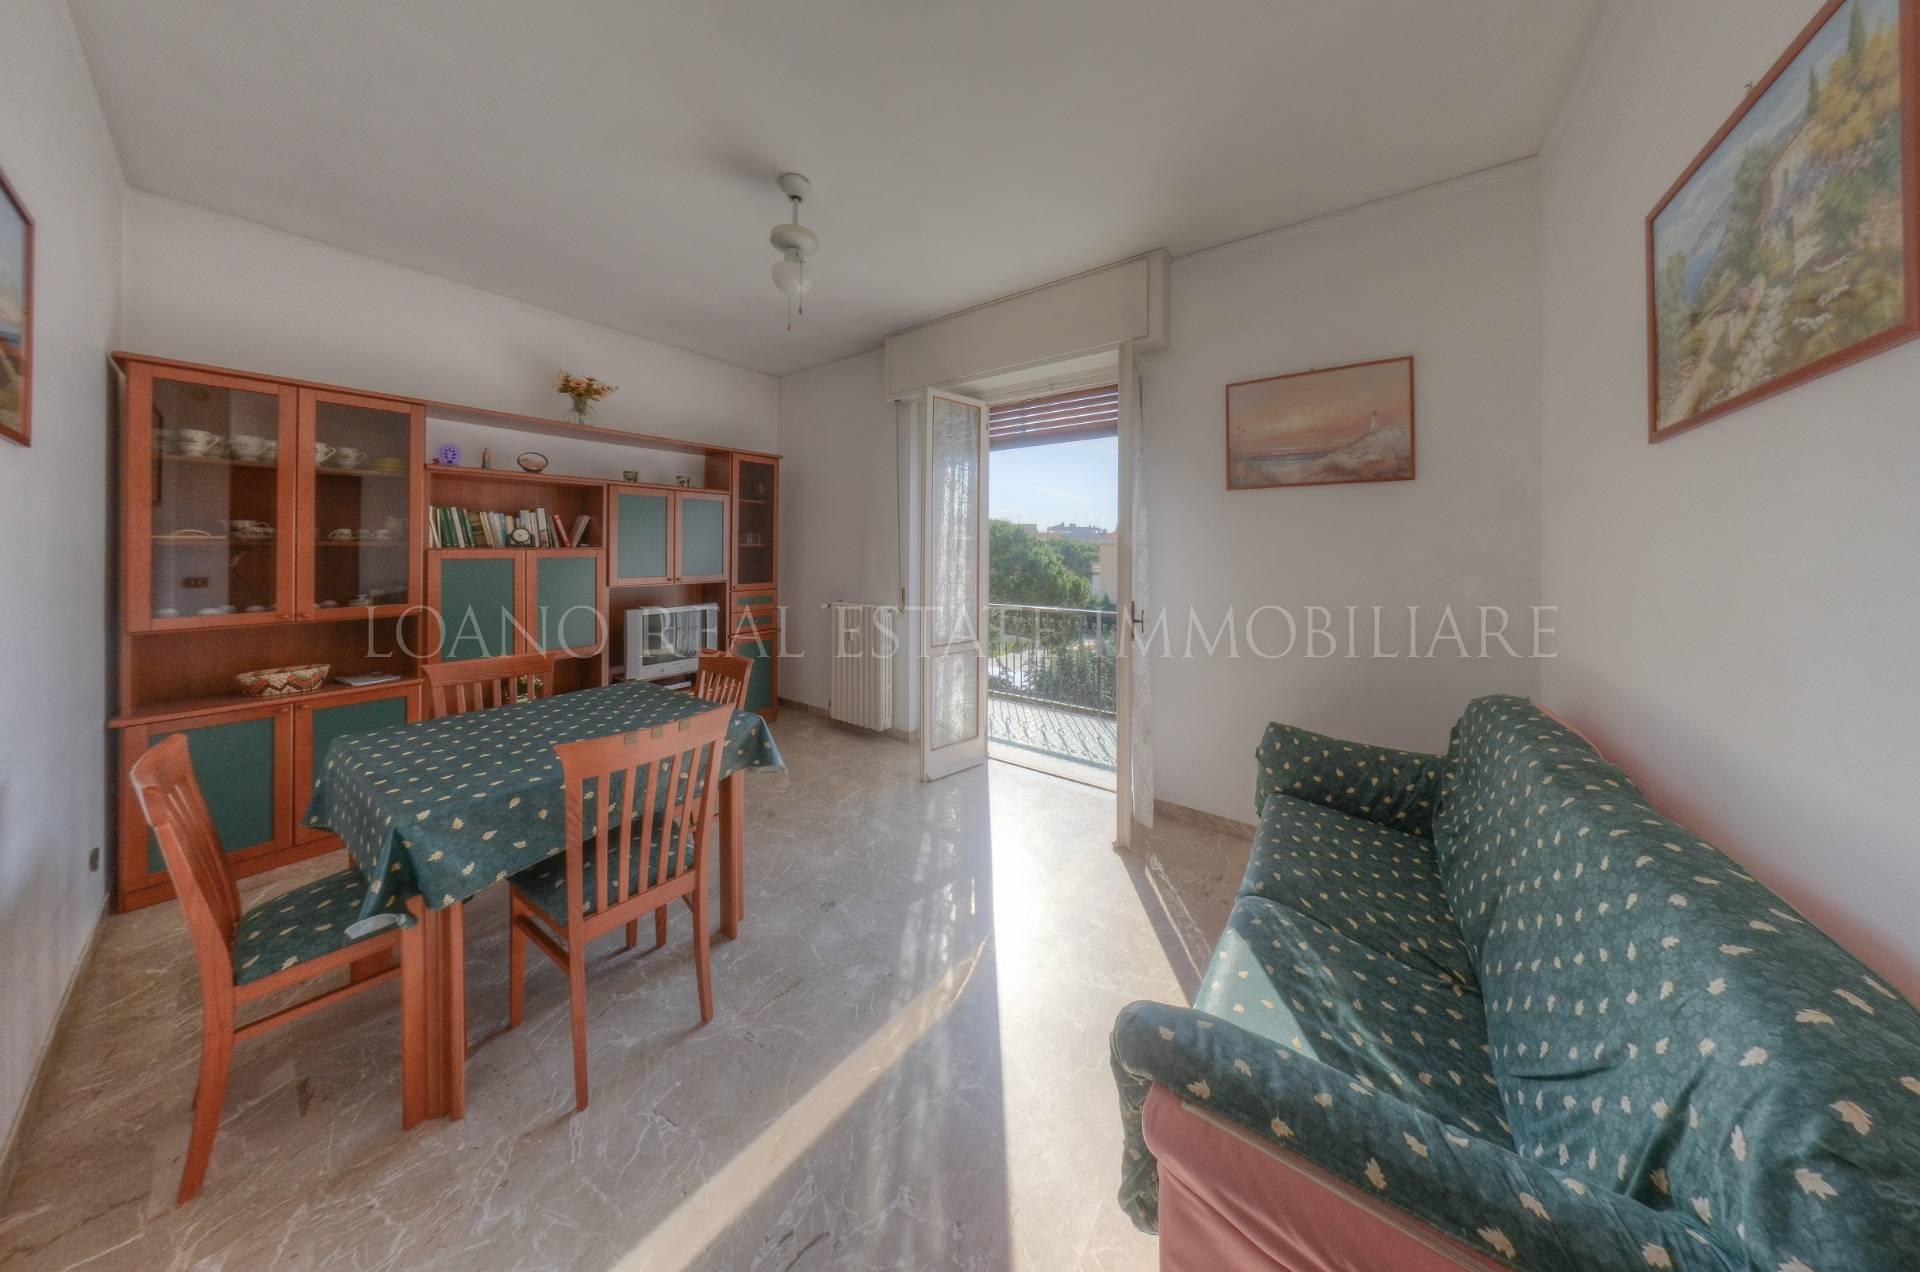 Appartamento in vendita a Loano, 3 locali, prezzo € 204.000 | CambioCasa.it